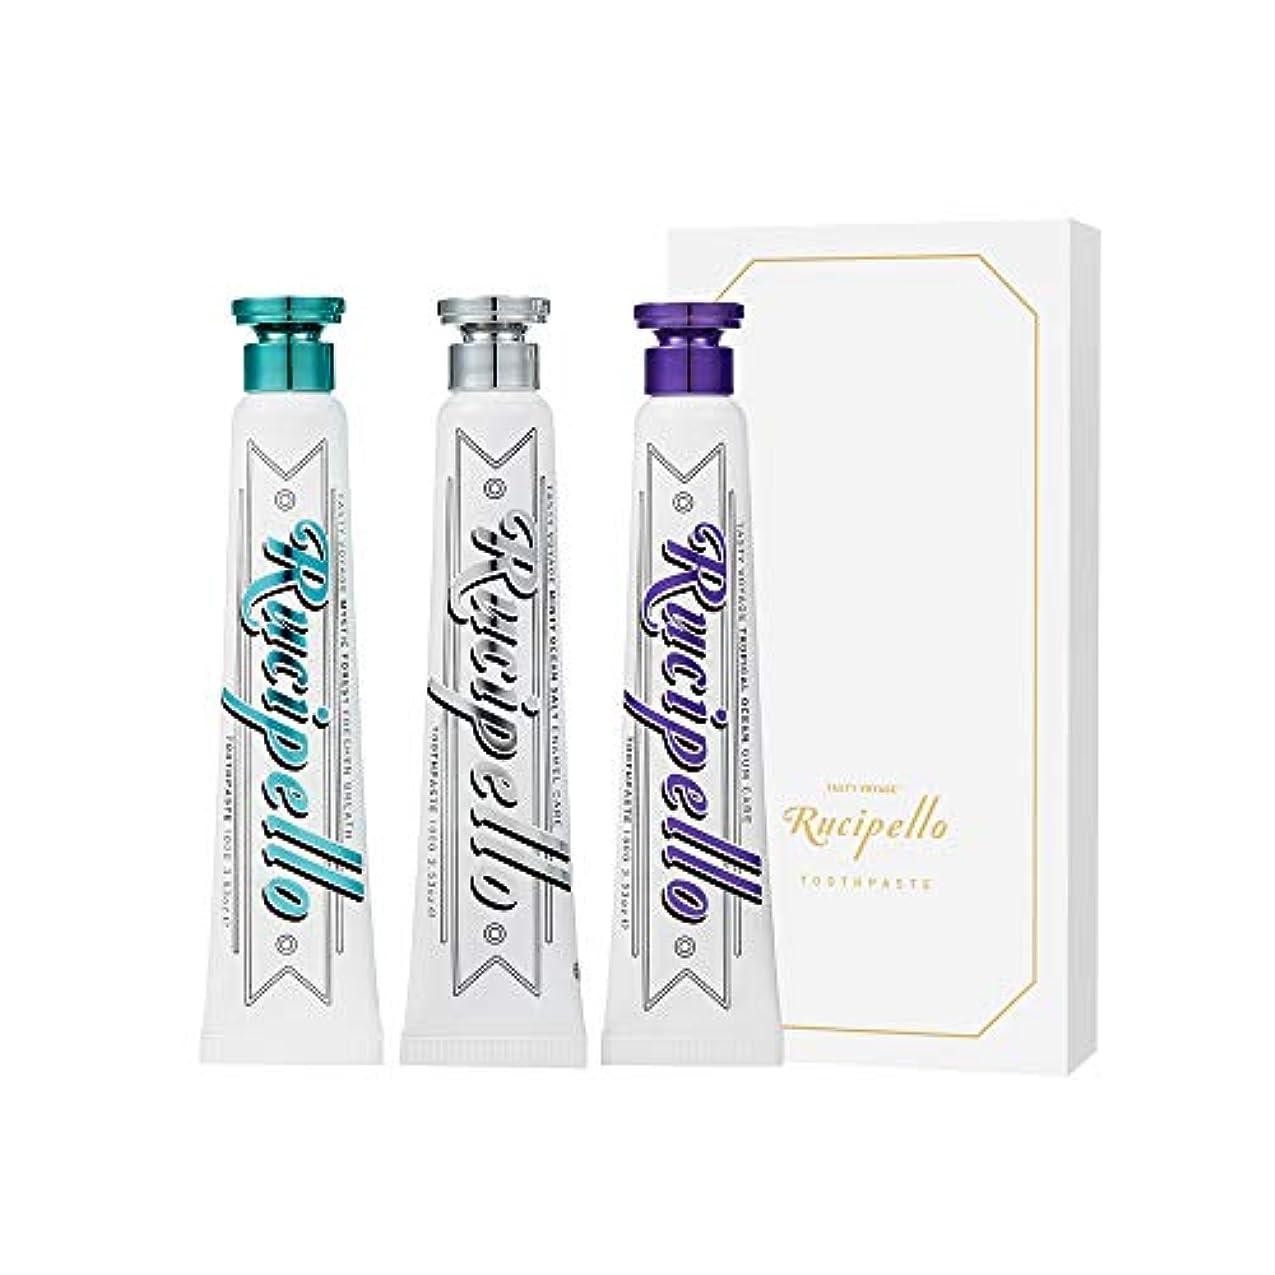 悲惨なランデブー顕著[ルチペッロ] Rucipello 歯磨き粉3種のプレゼントセット 100g x 3 本 (海外直送品)